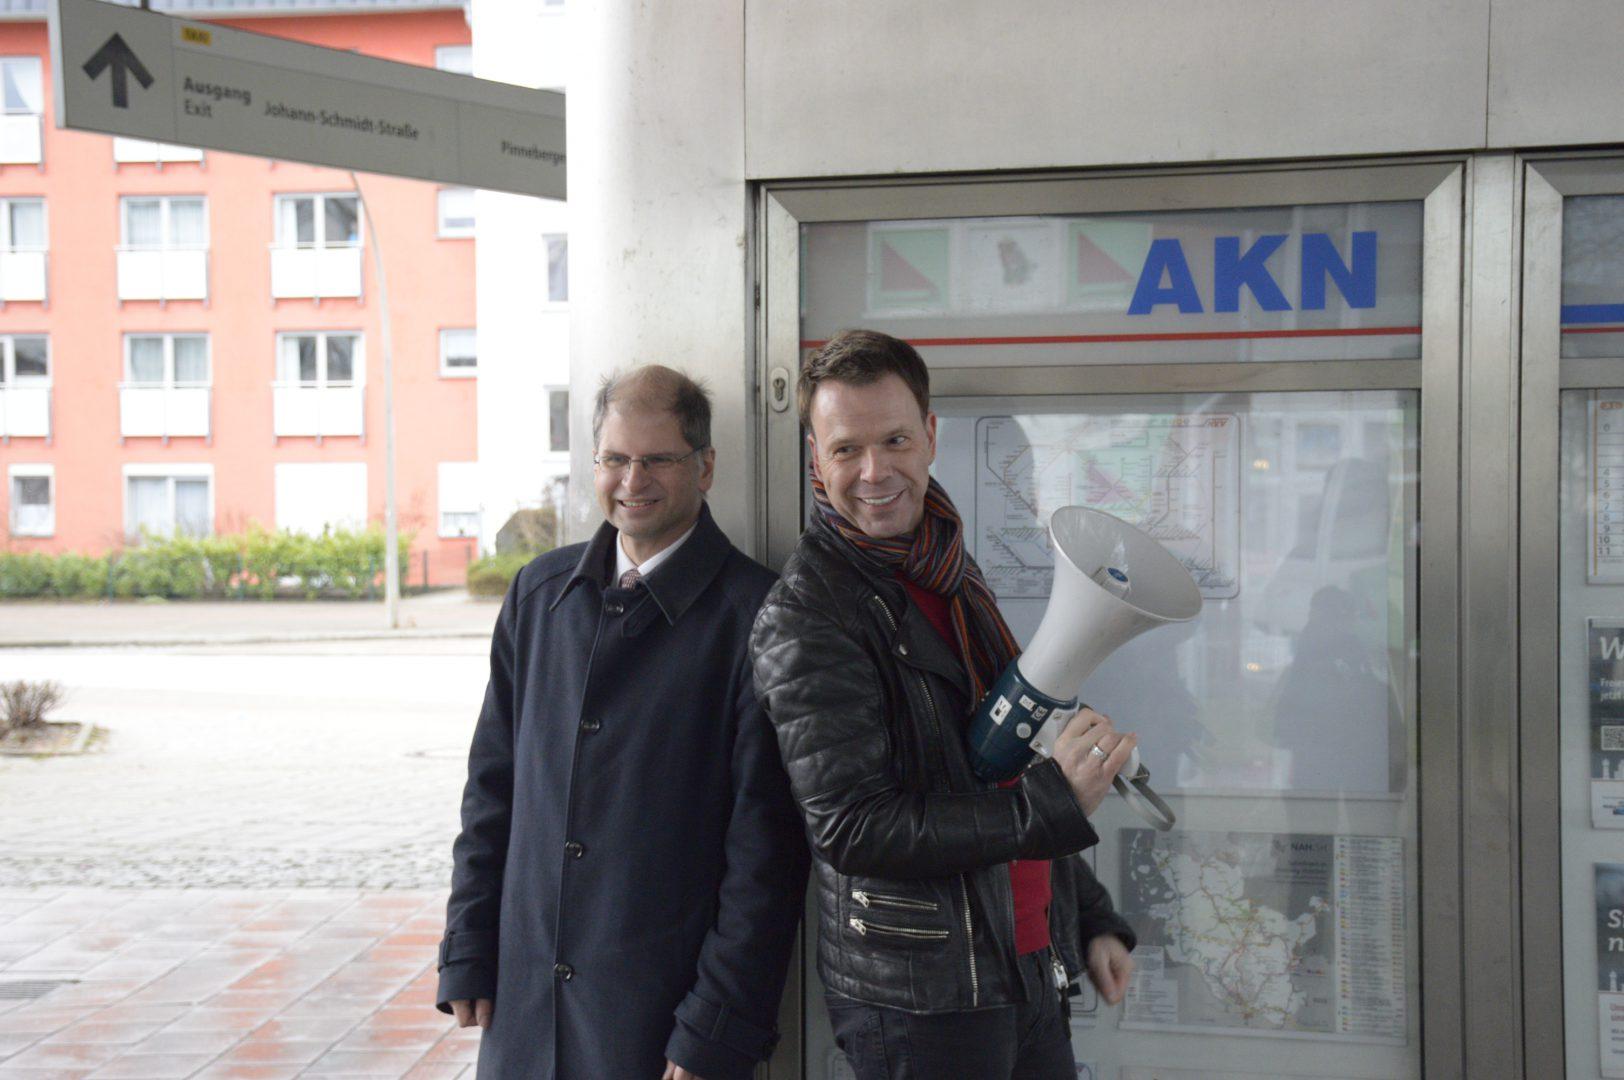 Ulf Ansorge spricht die Ansagen der AKN und wurde 1965 in Hamburg geboren. Er studierte angewandte Kulturwissenschaften in Lüneburg. Er ist ebenfalls Moderator im Hamburg-Journal und bei NDR 90,3. © AKN Eisenbahn AG